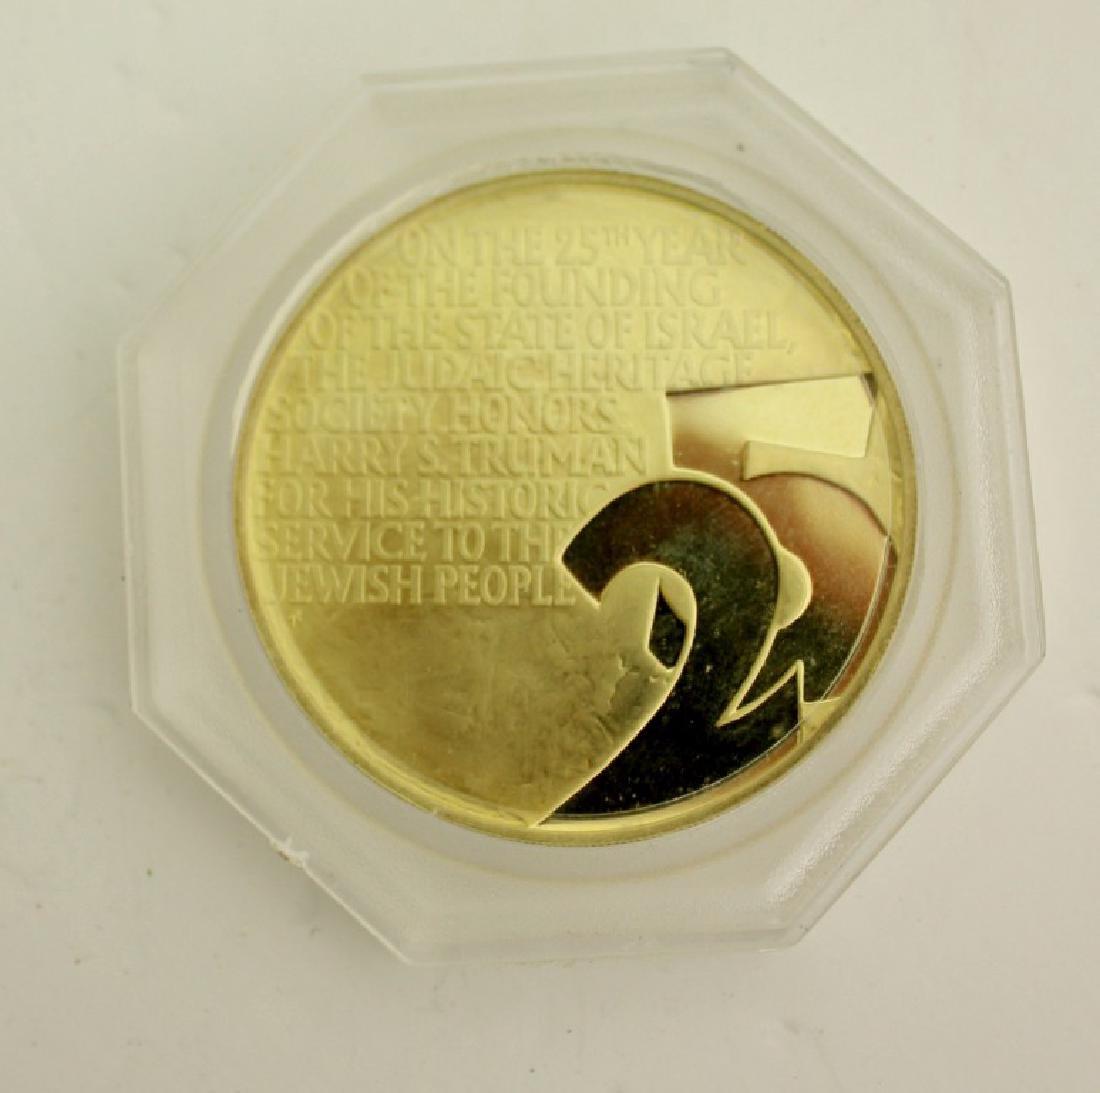 18k Gold Medal - Truman and Weizmann, USA 1973 - 2